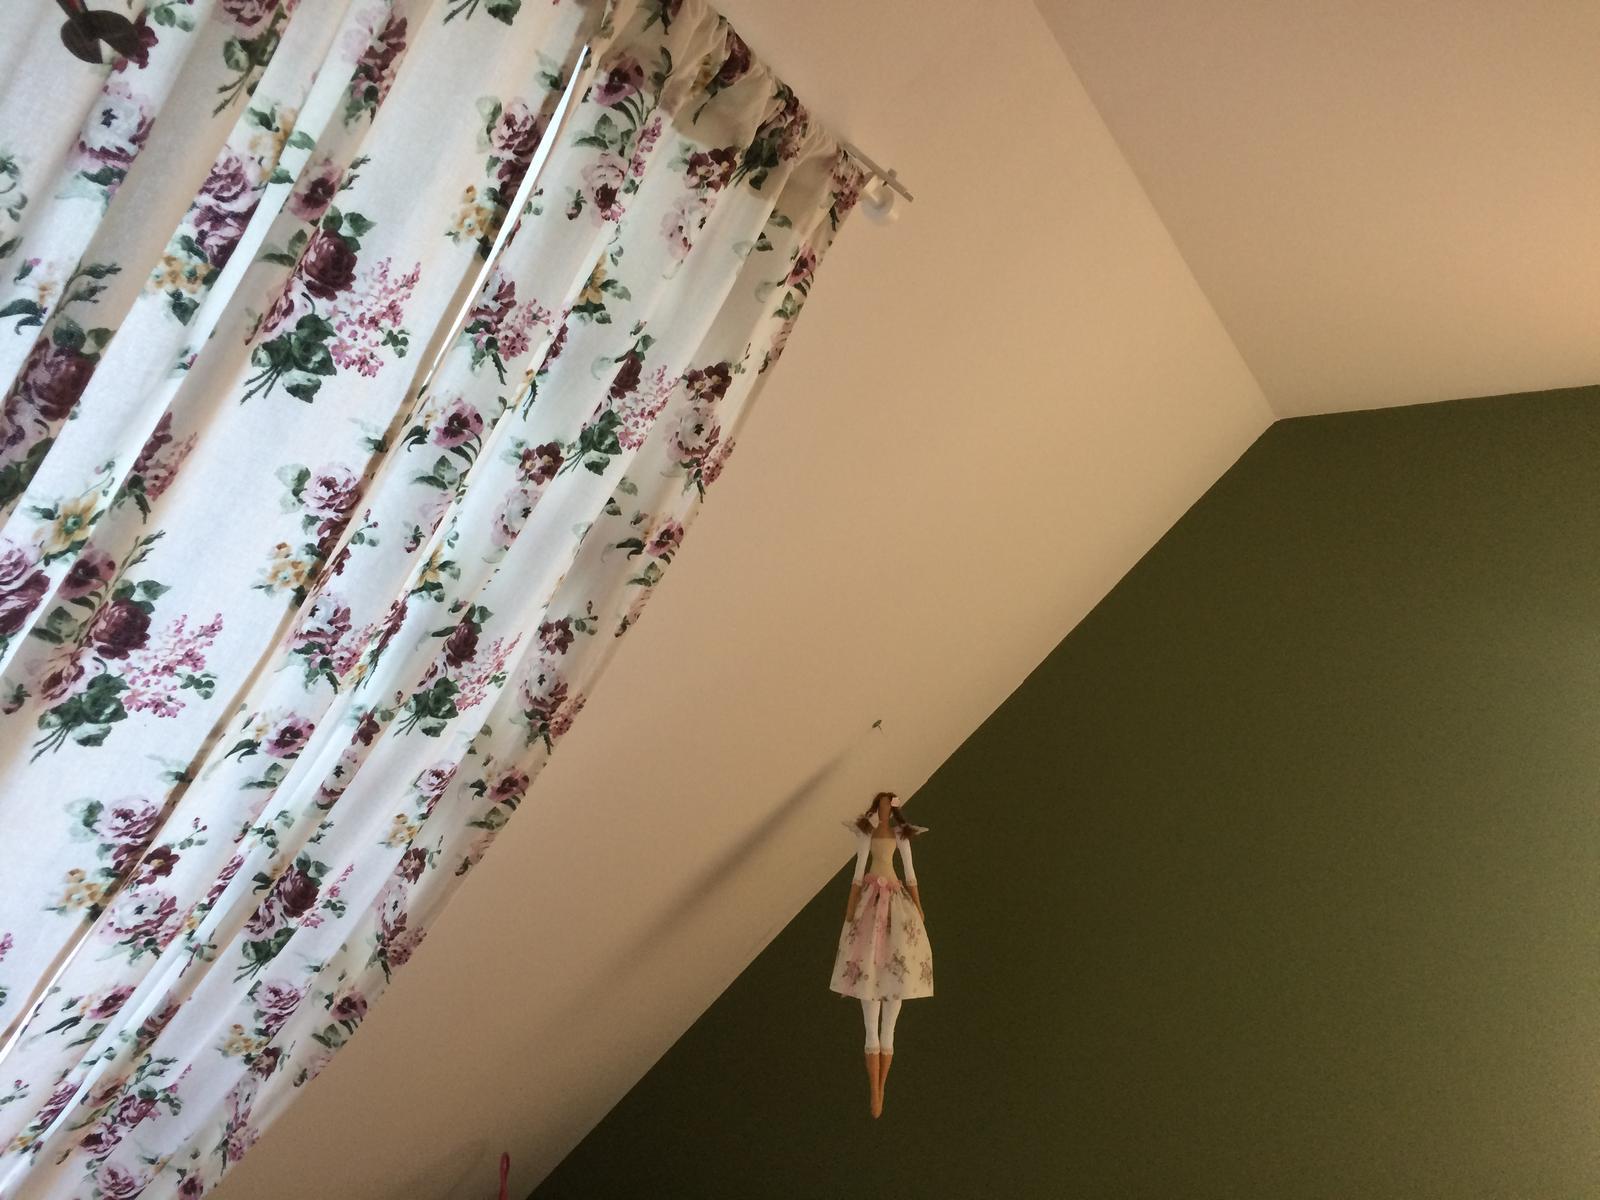 Rd - ...a závěsy místo rolety do střešního okna jsou na světe